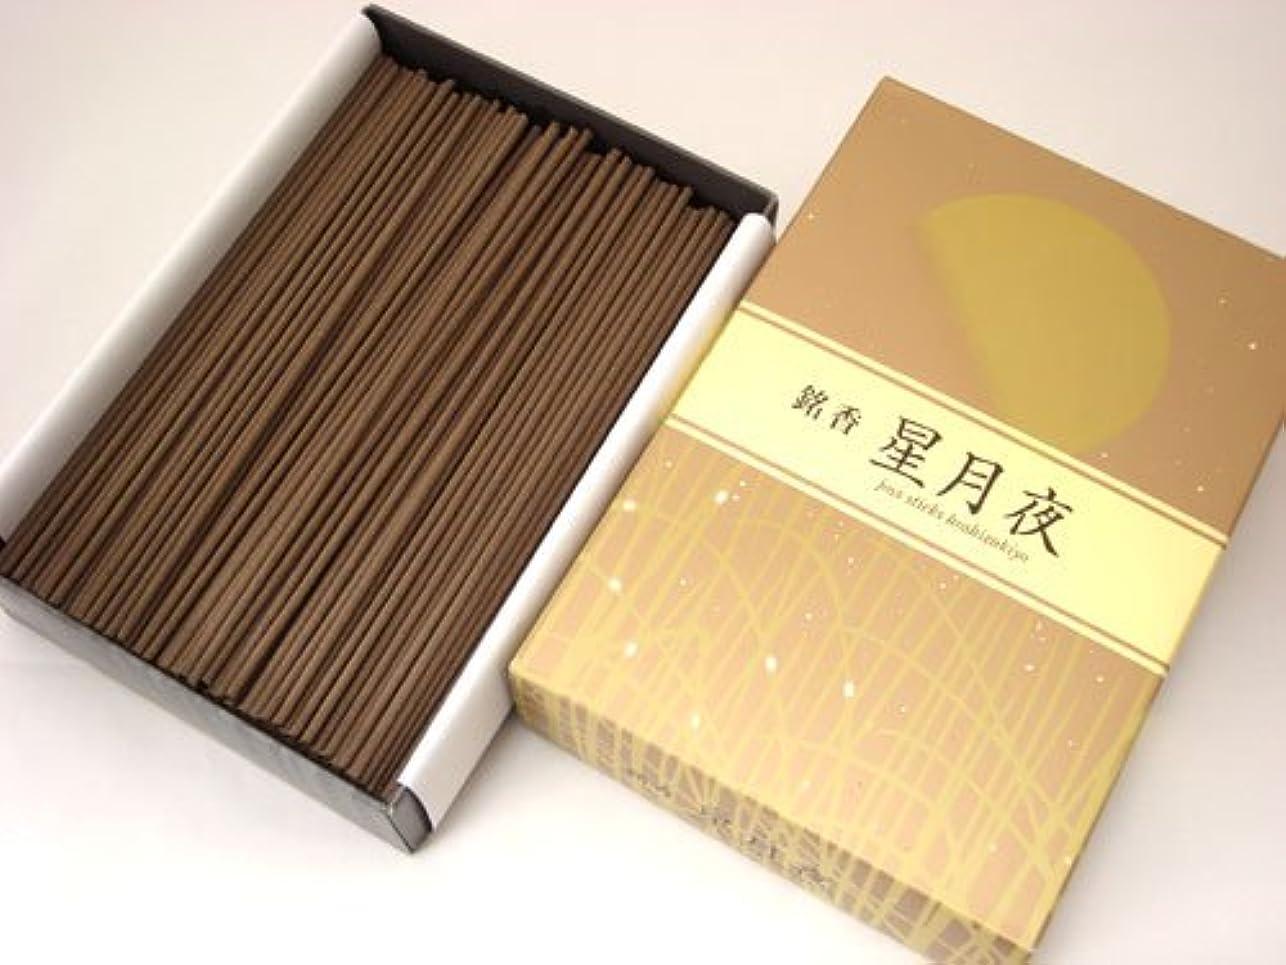 放棄された突然どれか日本香堂 微煙タイプ【銘香 星月夜(ほしづきよ)】 バラ詰 大箱